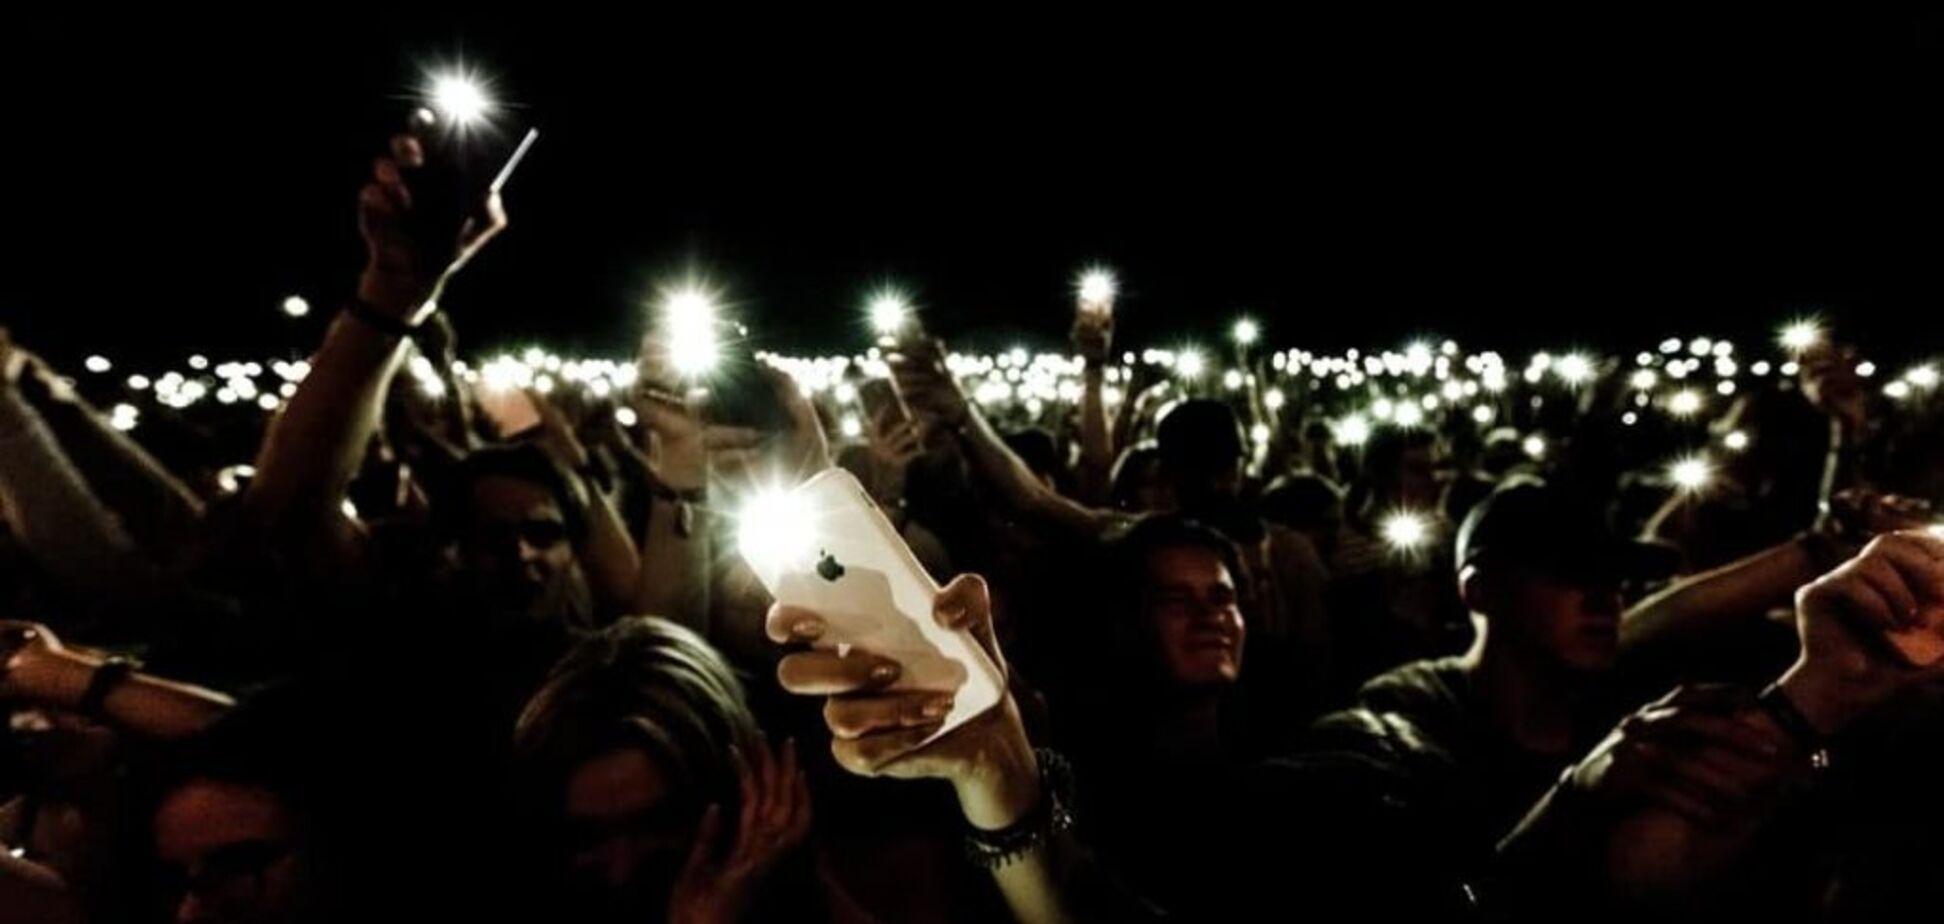 Борьба с фонариками в России: мы уже в аду или будет еще хуже?